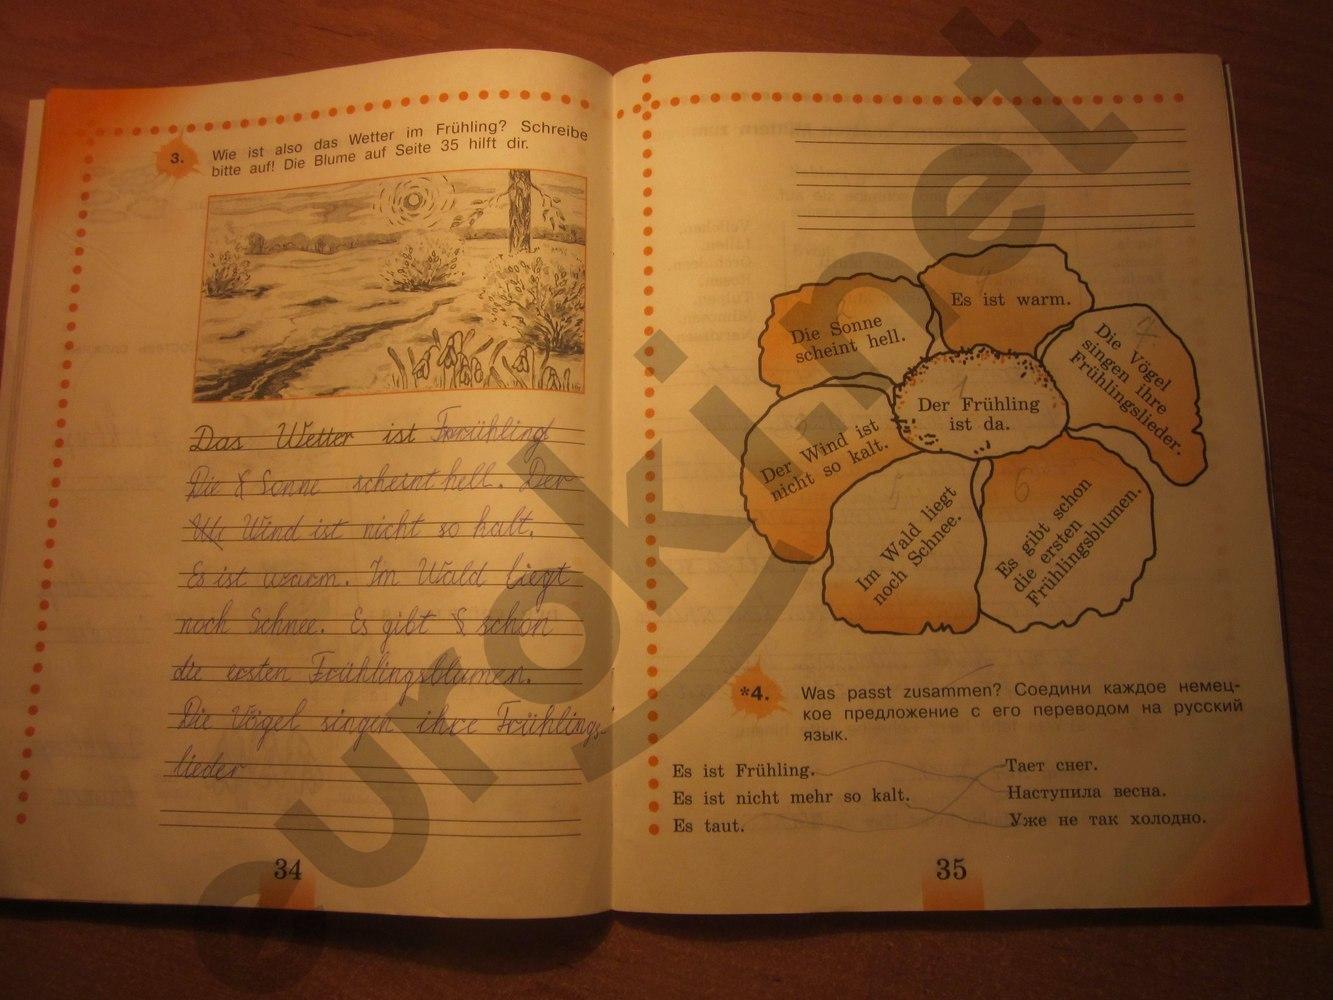 ГДЗ по немецкому языку 3 класс рабочая тетрадь Бим И.Л. Рыжова Л.И. Часть 2. Задание: стр. 34--35